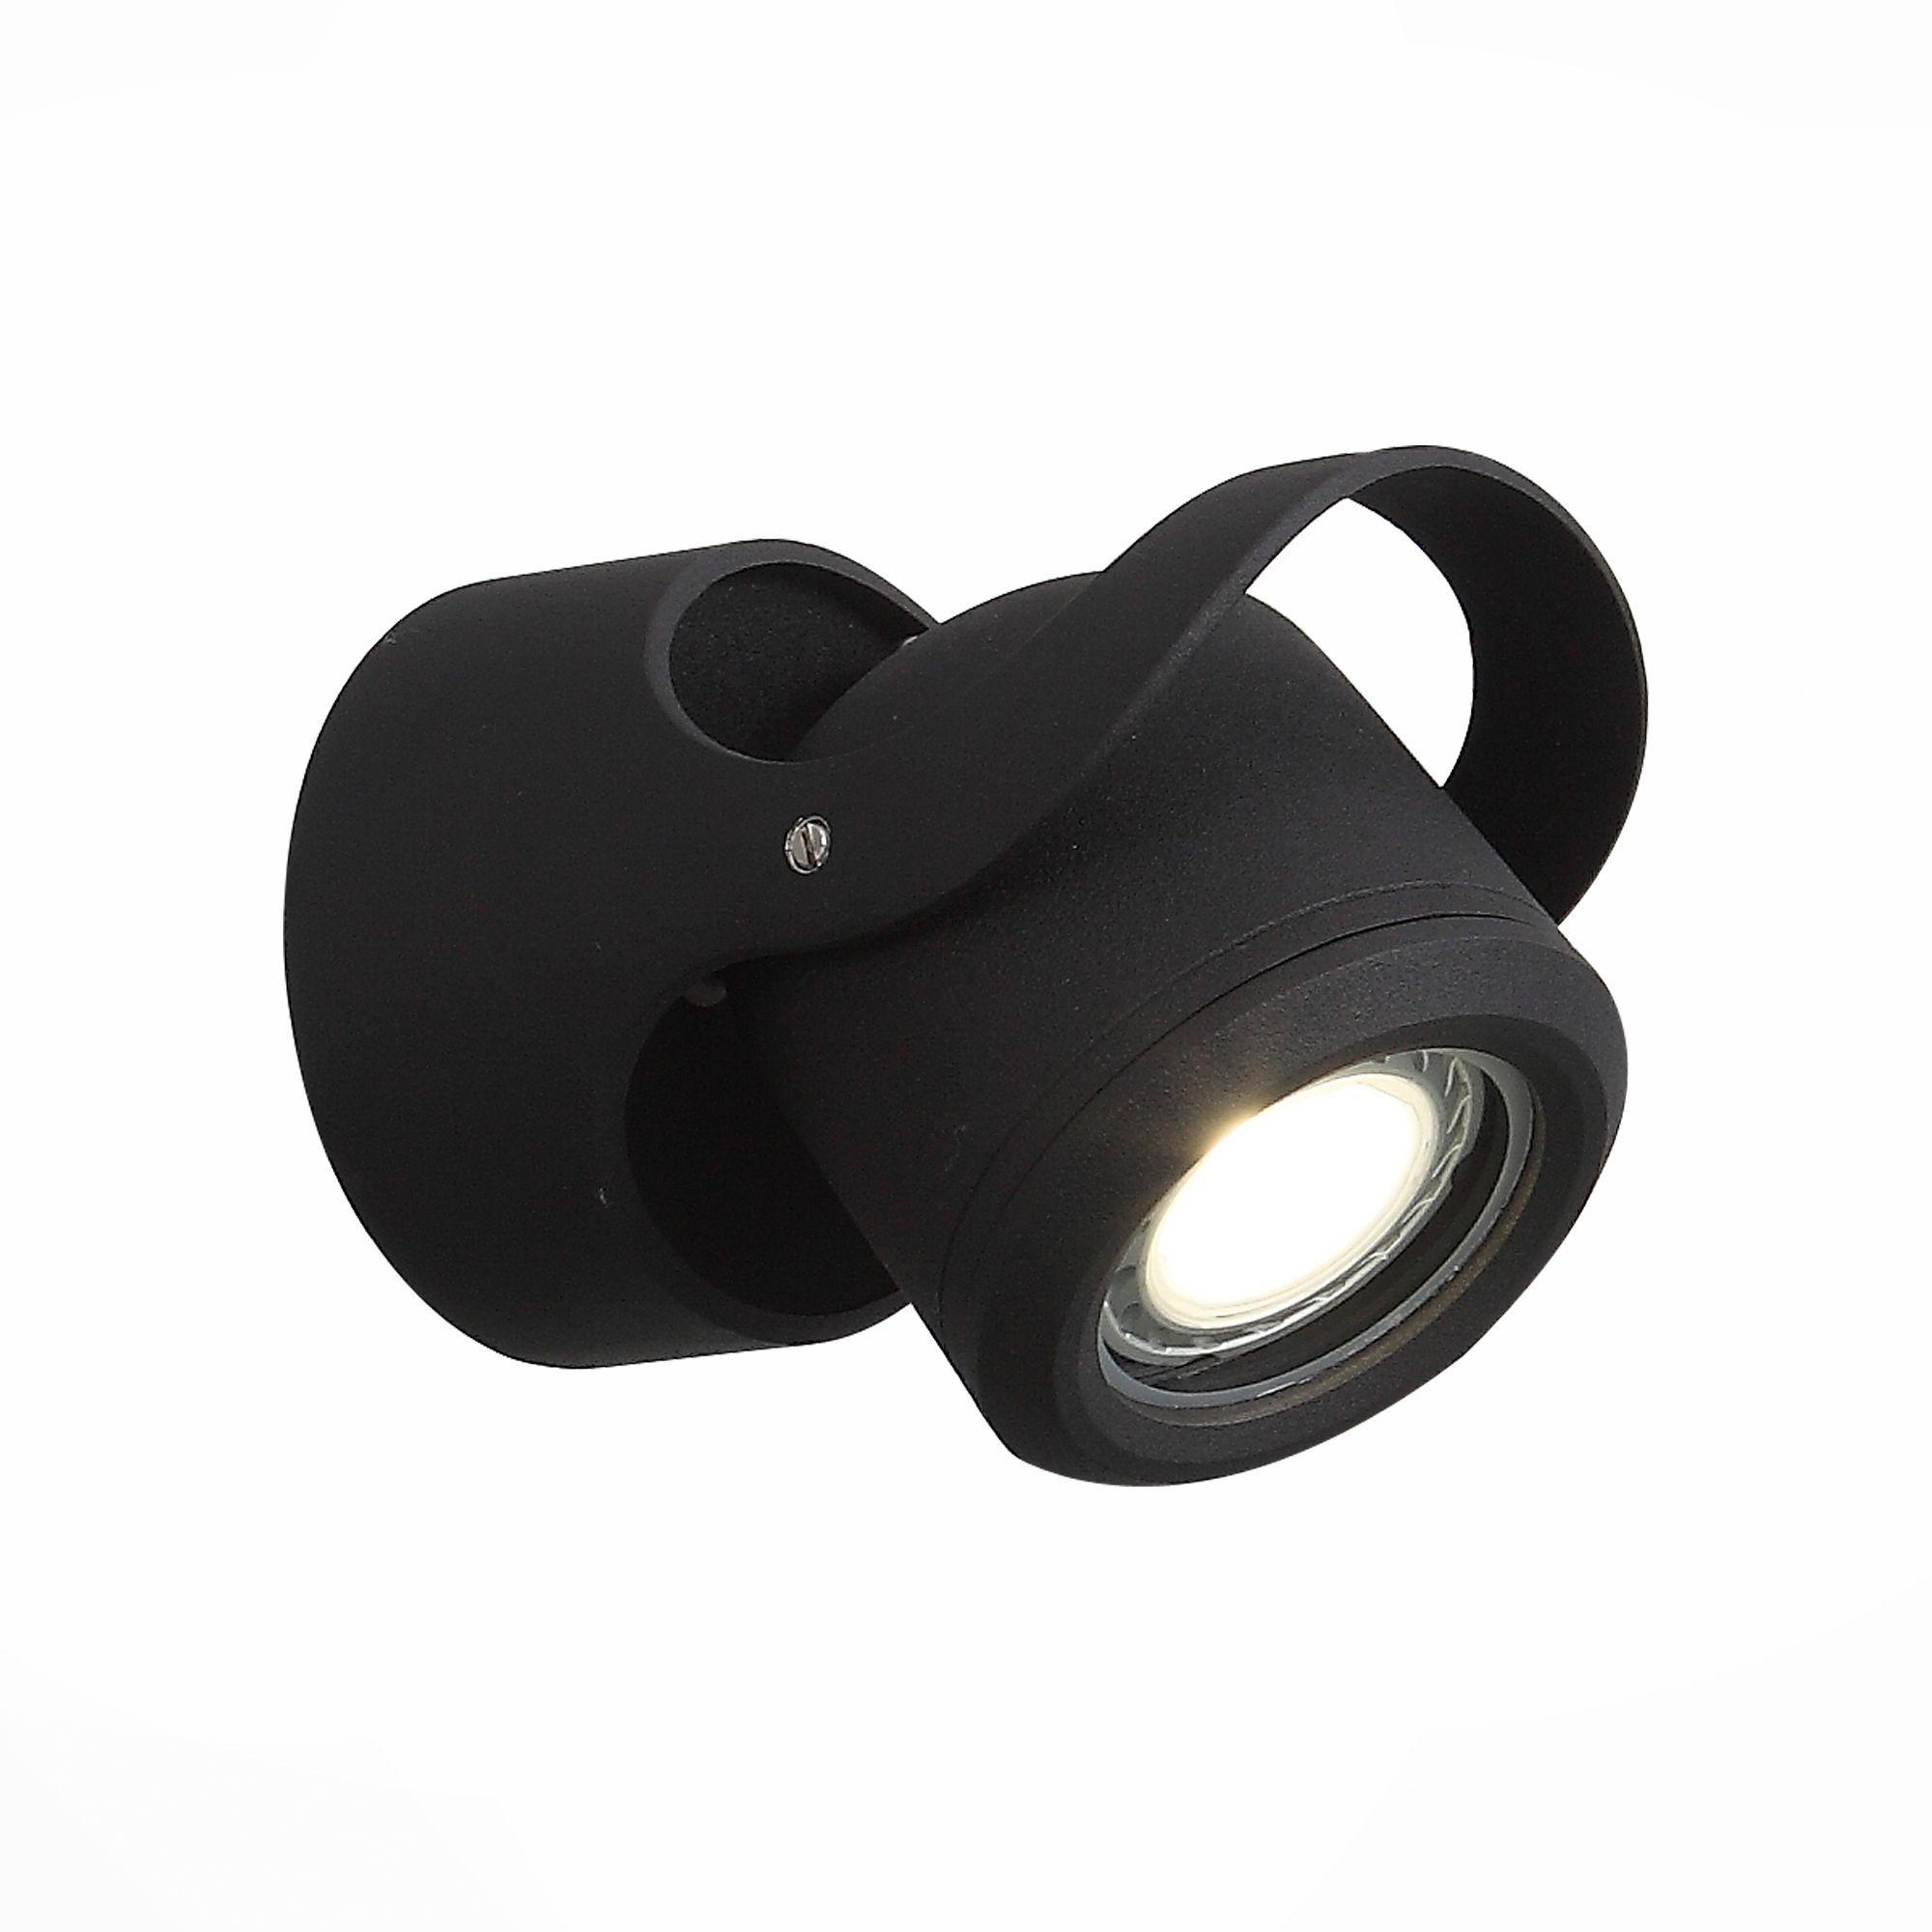 Светильник уличный настенный ST-Luce Черный/Черный, Прозрачный G5,3 1*7W SL093.401.01